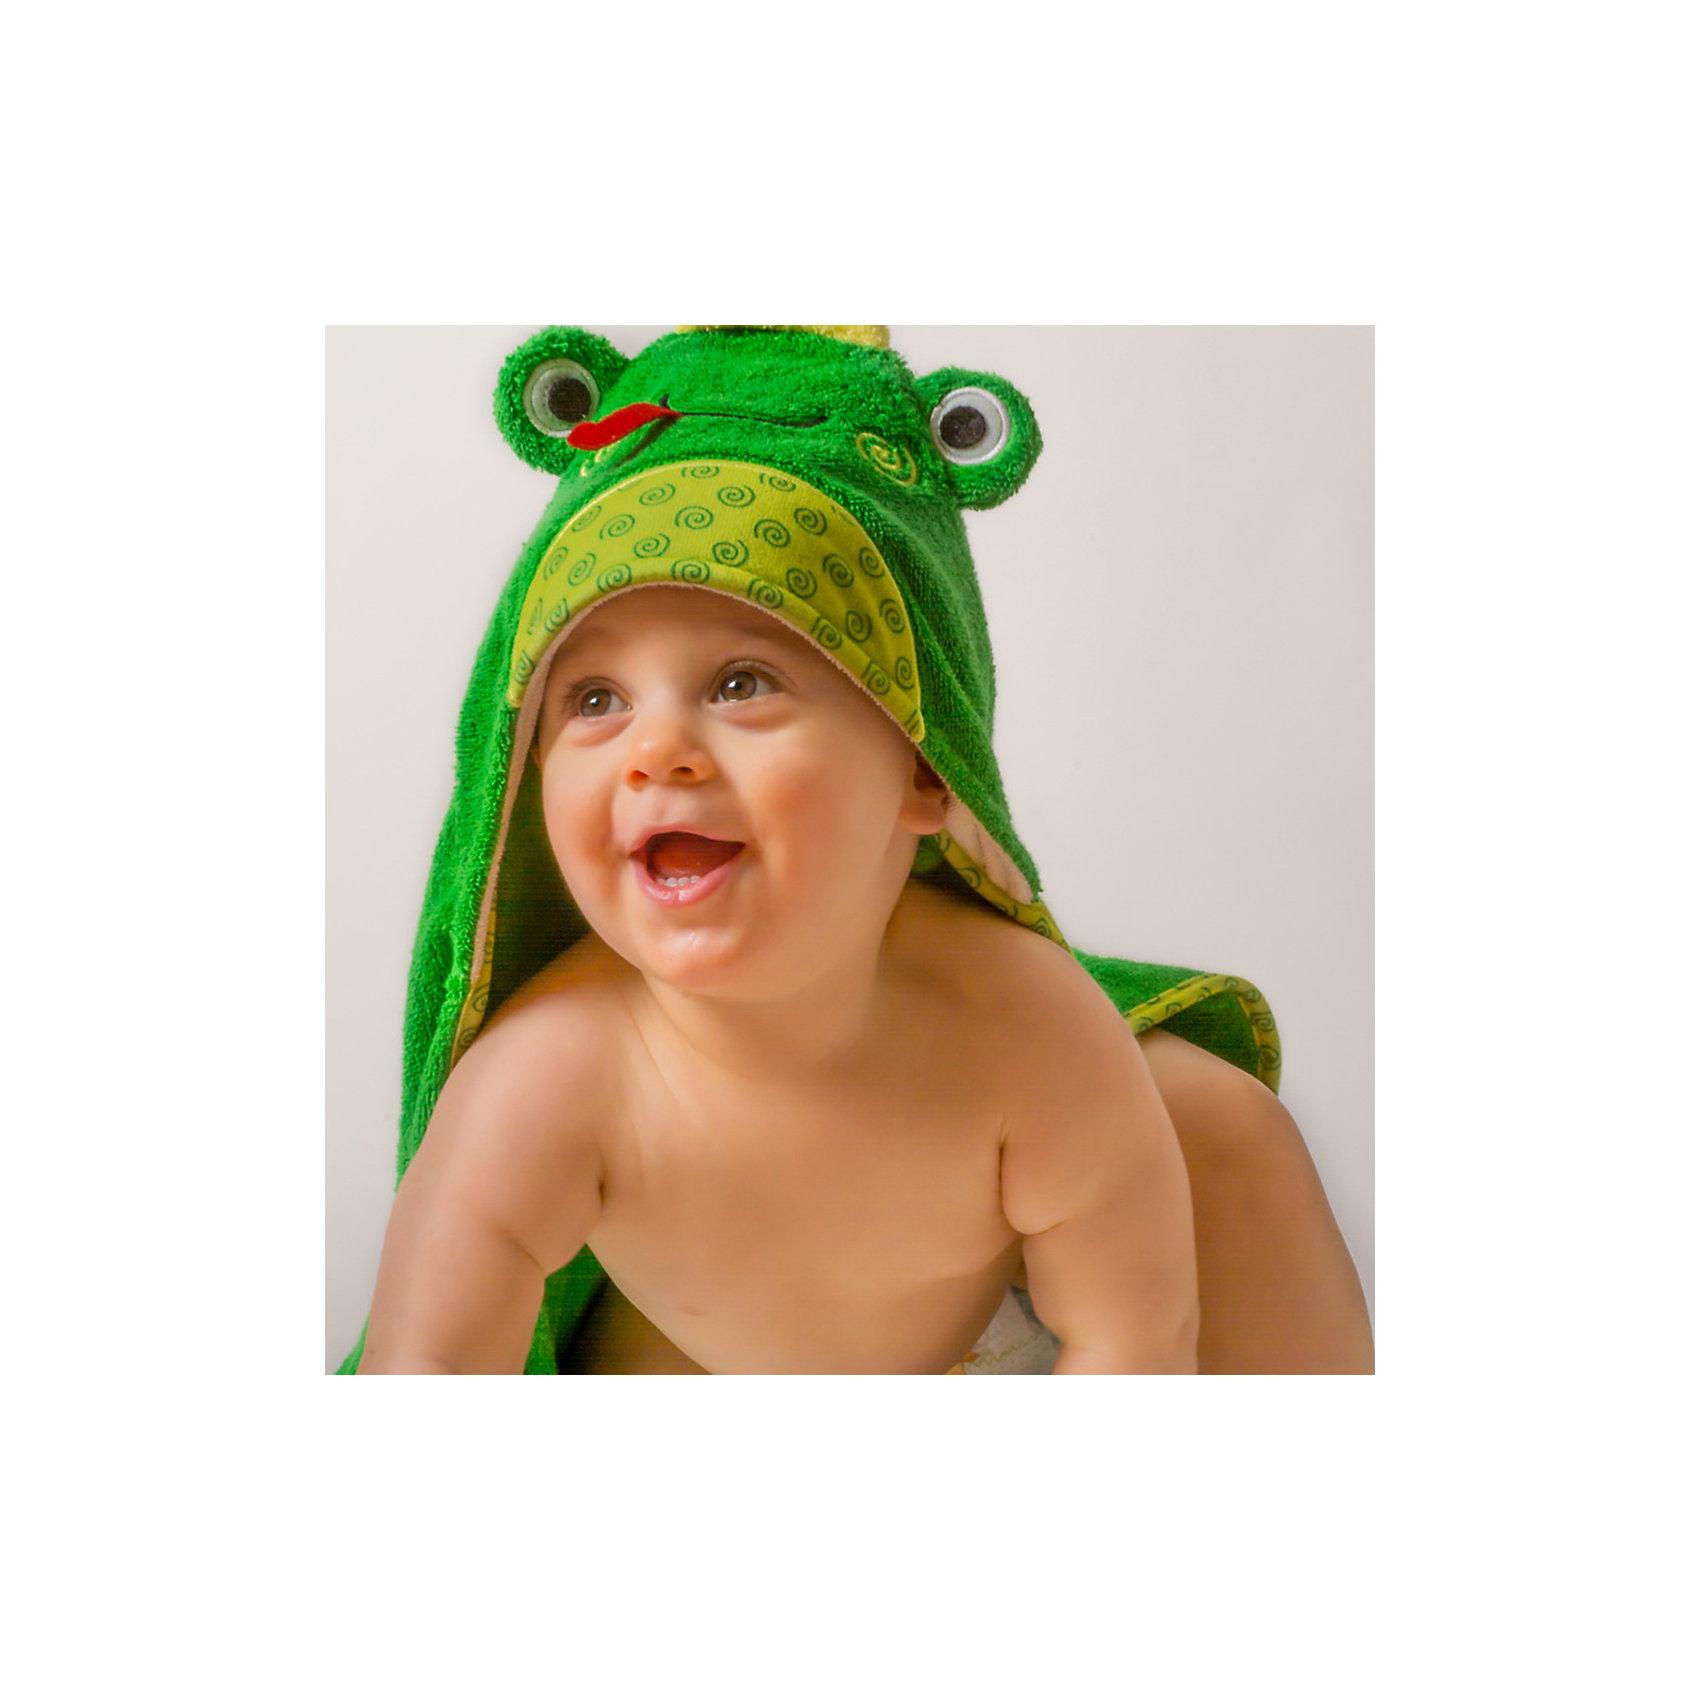 Полотенце с капюшоном Flippy the Frog (0-18 мес.), ZoocchiniПолотенце с капюшоном Flippy the Frog (0-18 мес.) Лягушонок Флиппи, от американского бренда Zoocchini (Зукинни) сделает принятие ванны еще уютнее и приятнее. Большое хлопковое полотенце прекрасно впитывает влагу, а веселый капюшон с лягушонком защитит от сквозняков. Яркий зеленый цвет с шелтой окантовкой придет по вкусу всей семье. Отлично малышам до полутора лет. <br>Дополнительная информация:<br><br>- Состав: 100% хлопок<br>- Размер: 76 * 76 см.<br>Полотенце с капюшоном Flippy the Frog (0-18 мес.) Лягушонок Флиппи (Зукини) можно купить в нашем интернет-магазине.<br>Подробнее:<br>• Для детей в возрасте: от 0 до 18 месцев<br>• Номер товара: 4976018<br>Страна производитель: Китай<br><br>Ширина мм: 250<br>Глубина мм: 190<br>Высота мм: 70<br>Вес г: 390<br>Возраст от месяцев: 0<br>Возраст до месяцев: 18<br>Пол: Унисекс<br>Возраст: Детский<br>SKU: 4976018